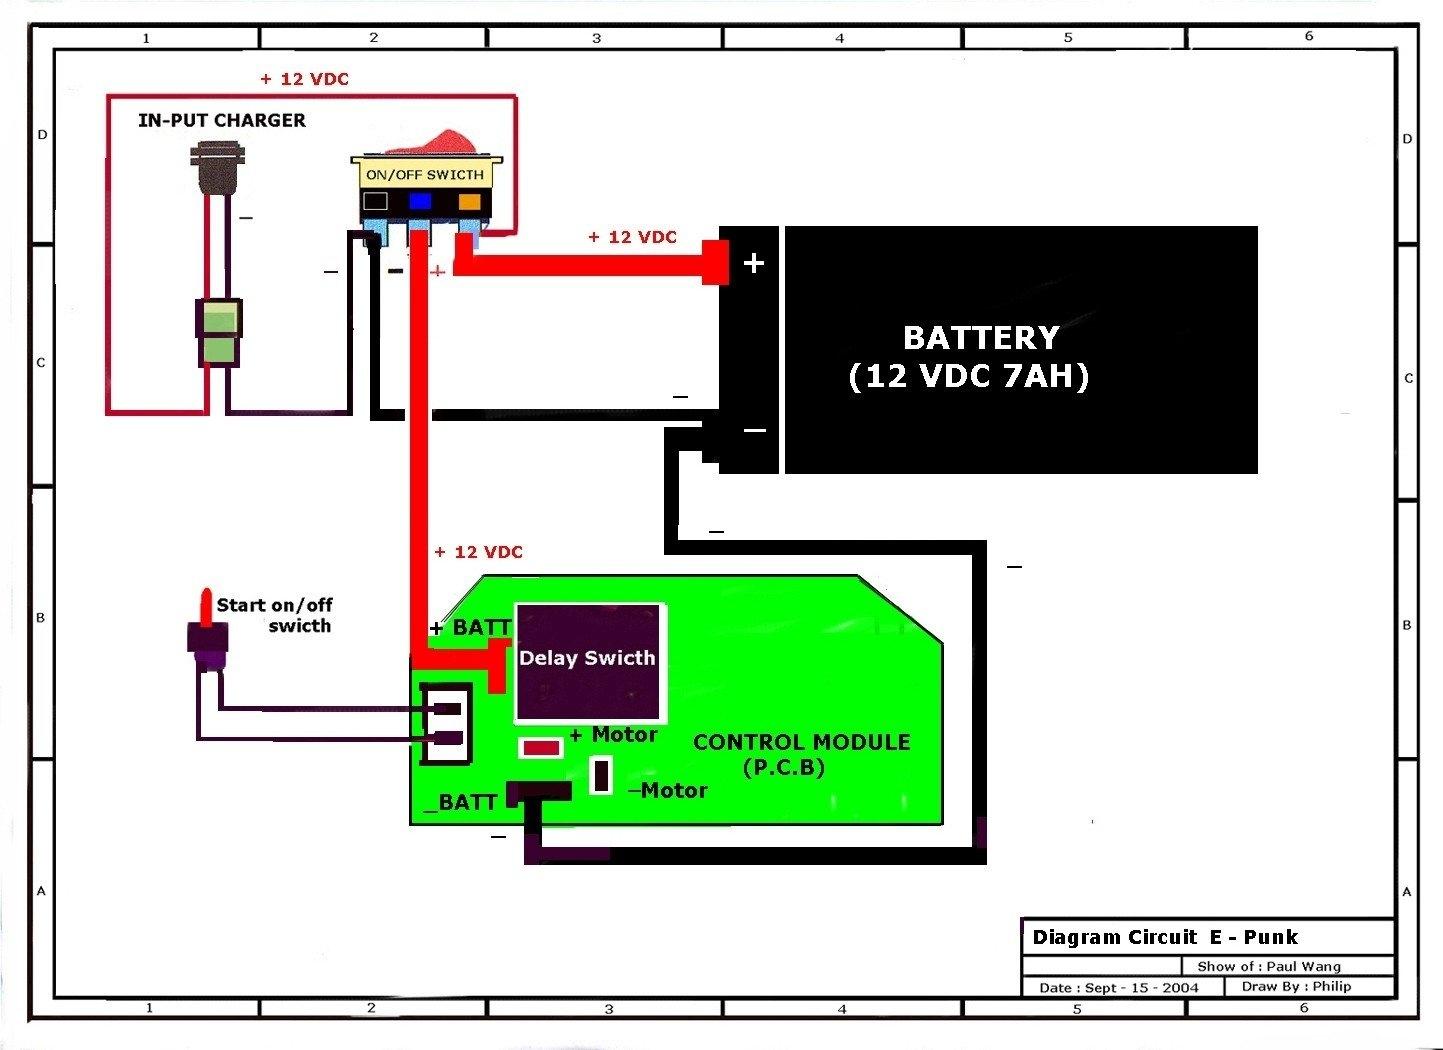 Motorized Bicycle Wiring Diagram | Autowiringdiagram - Motorized Bicycle Wiring Diagram